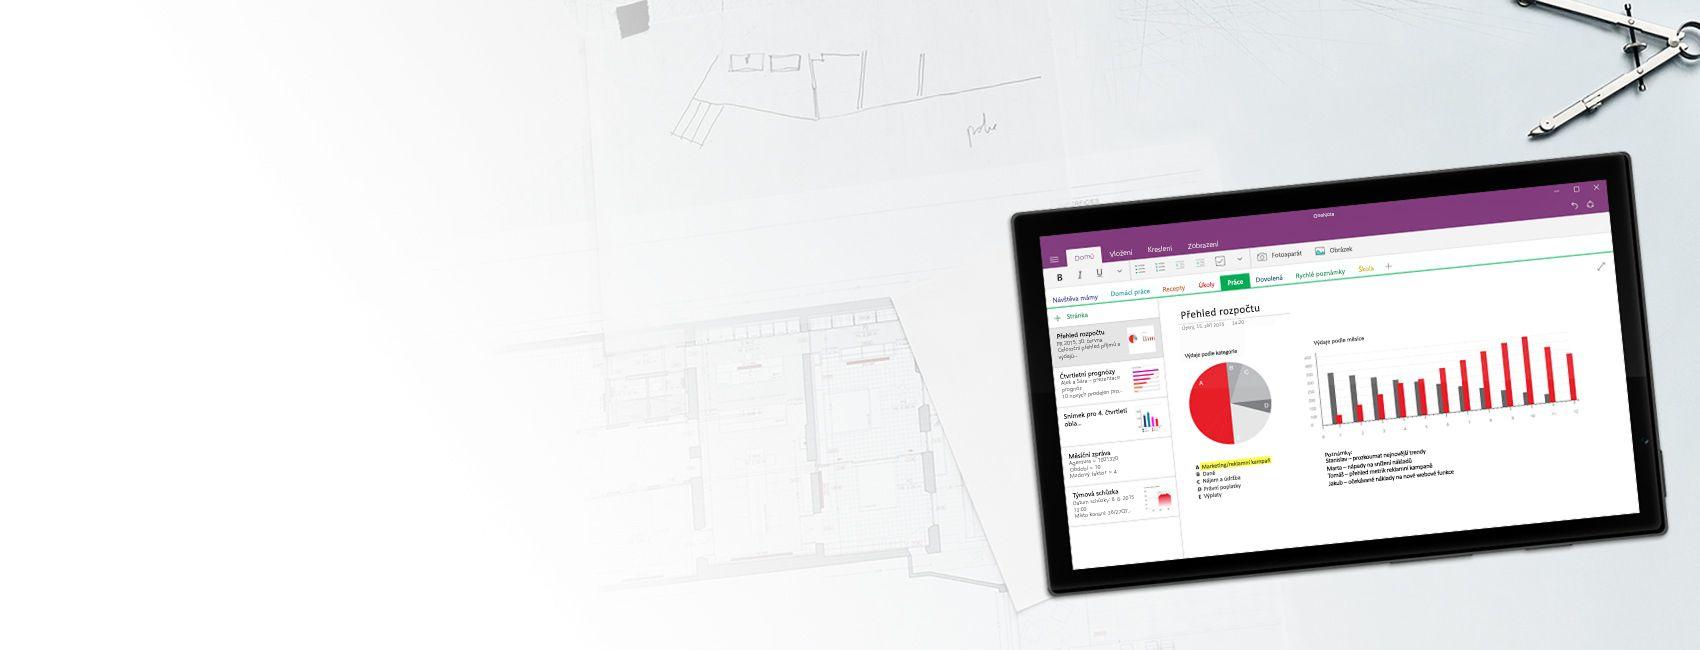 Tablet s Windows zobrazující poznámkový blok OneNotu s diagramy a grafy rozpočtového přehledu